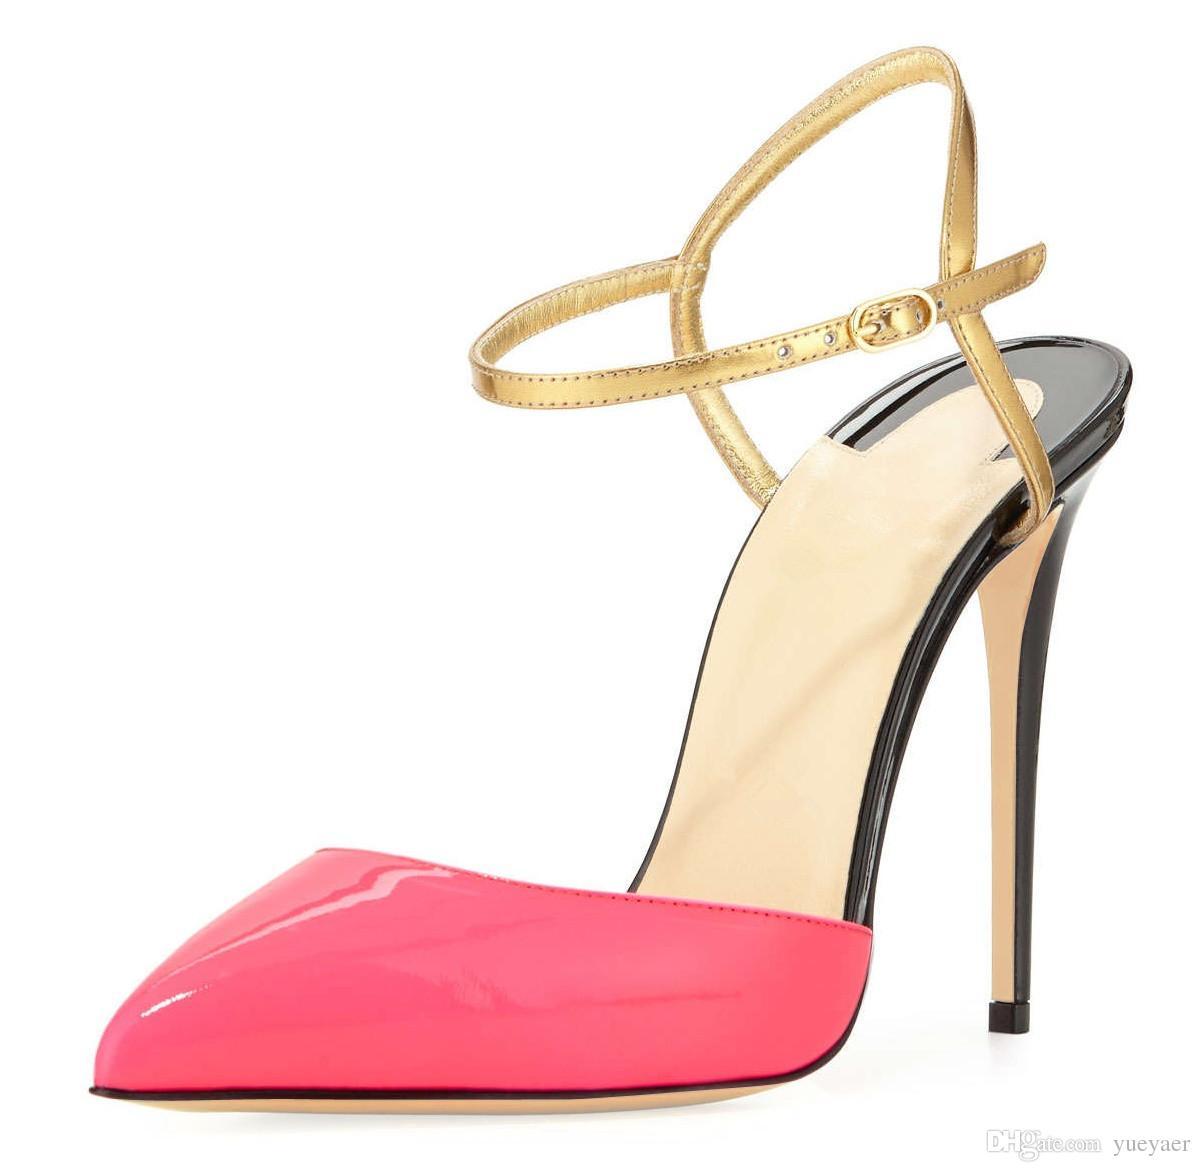 Zandina Femmes Dames De Mode À La Main 10cm Slingback Sandales À Talons Hauts Soirée De Dressing Stiletto Chaussures Rose K309